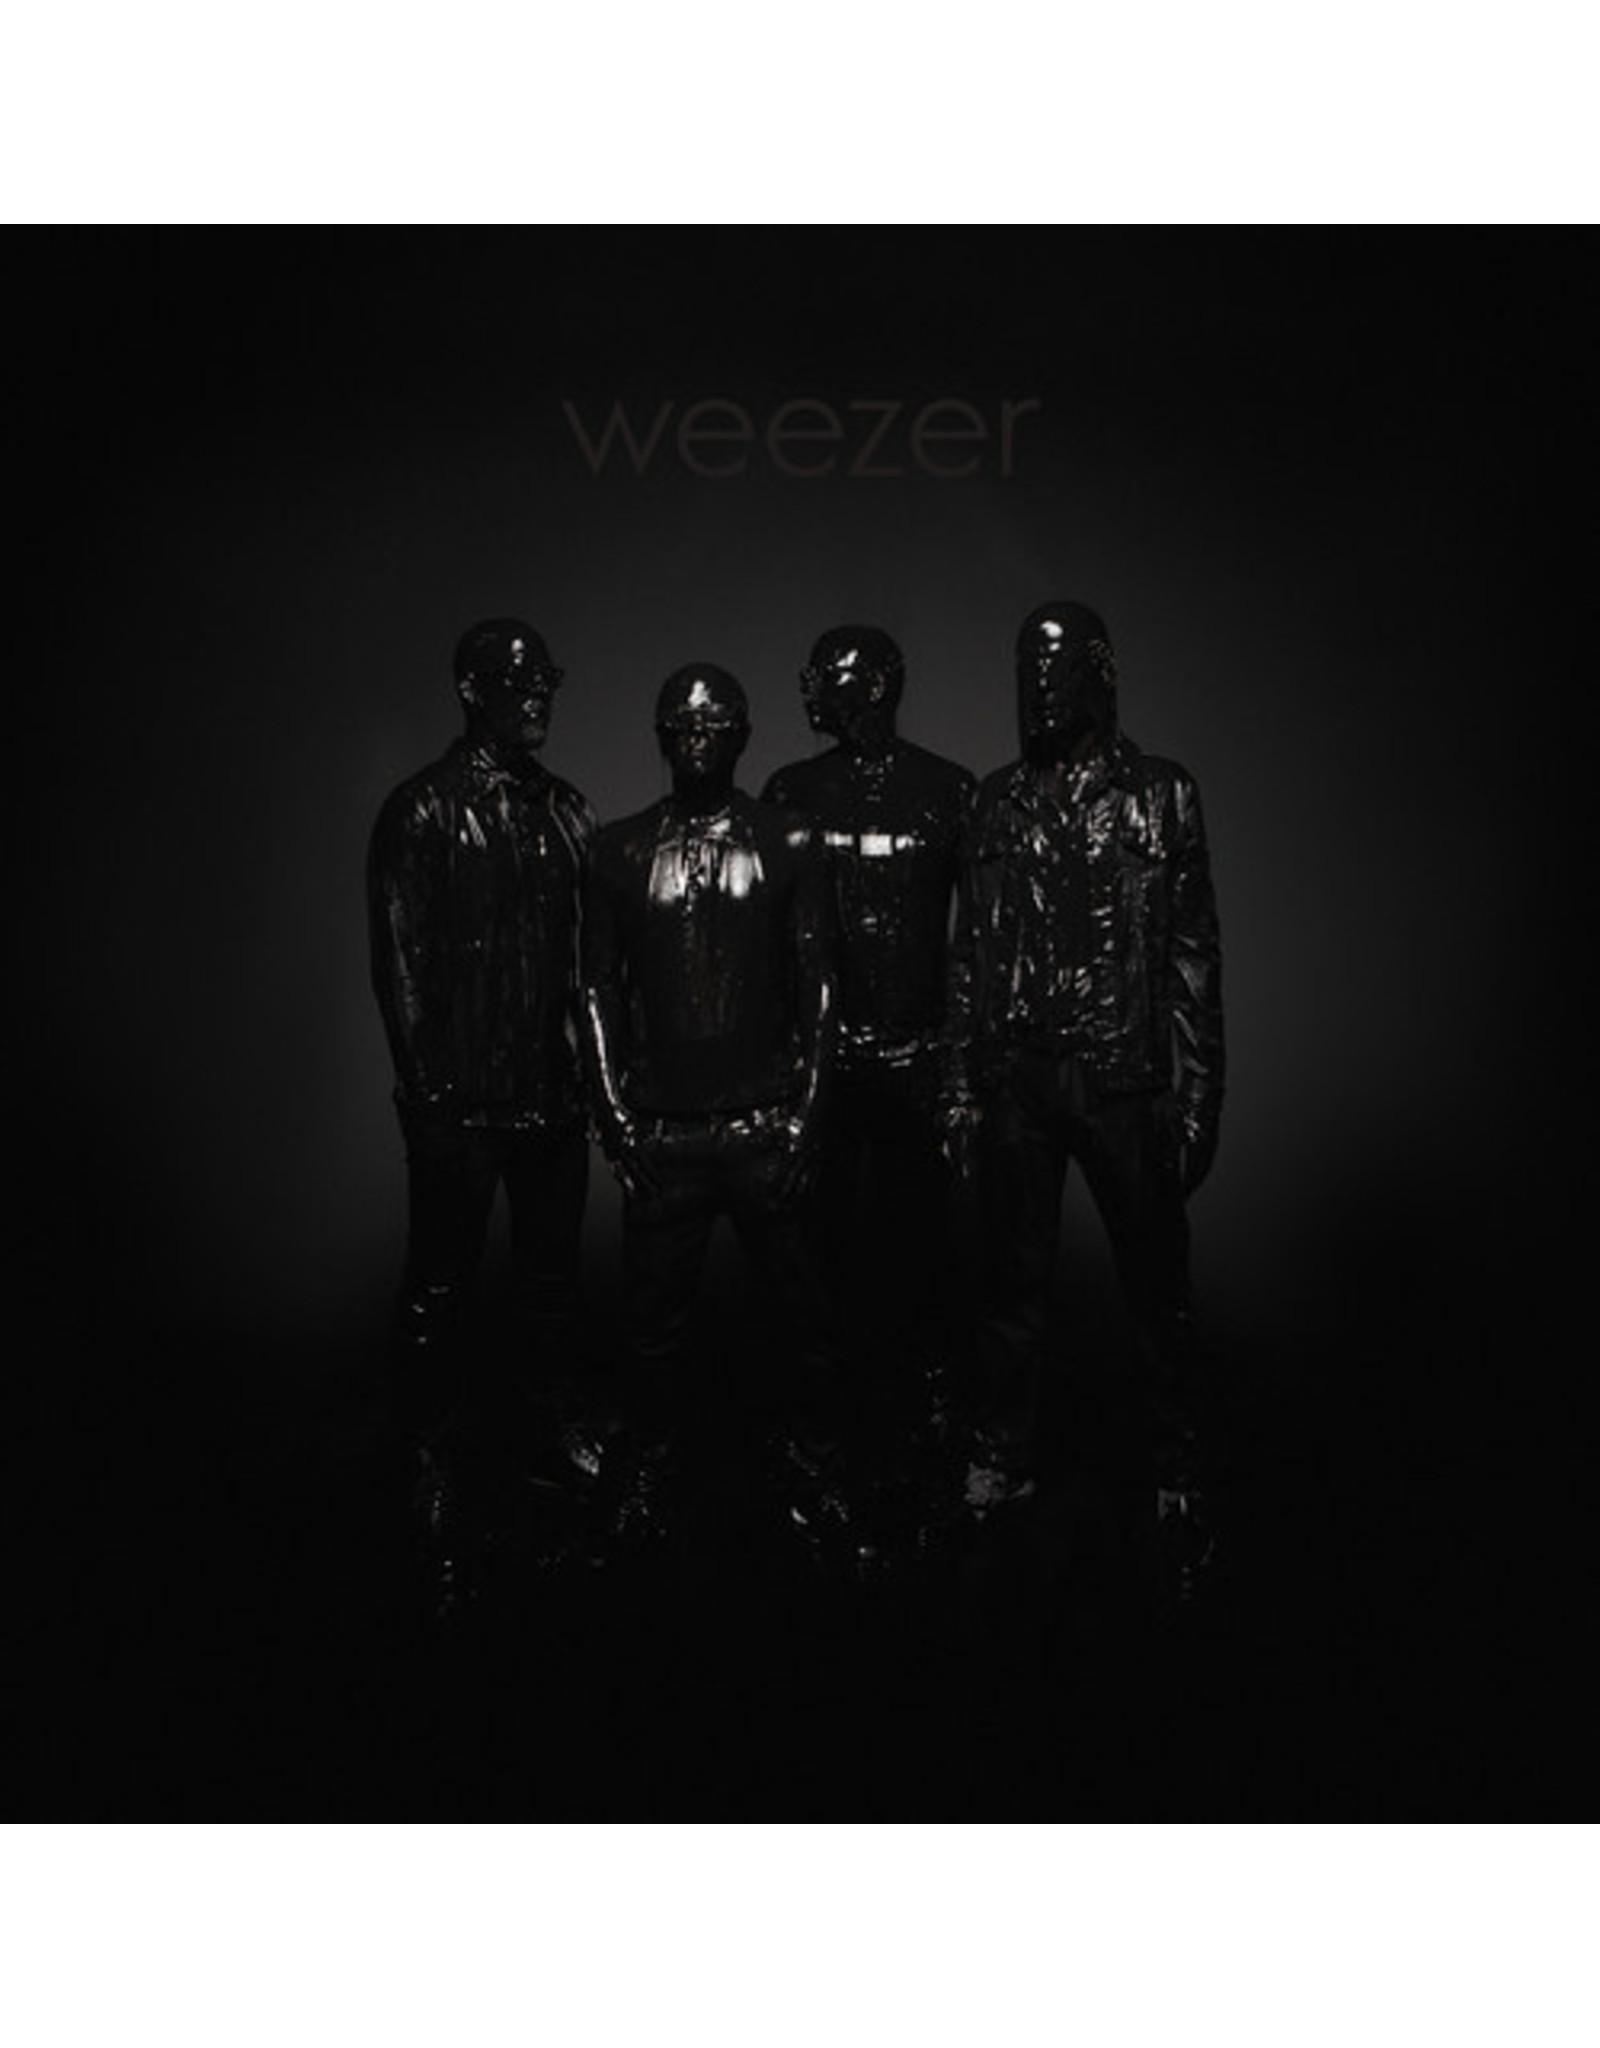 New Vinyl Weezer - Black Album LP